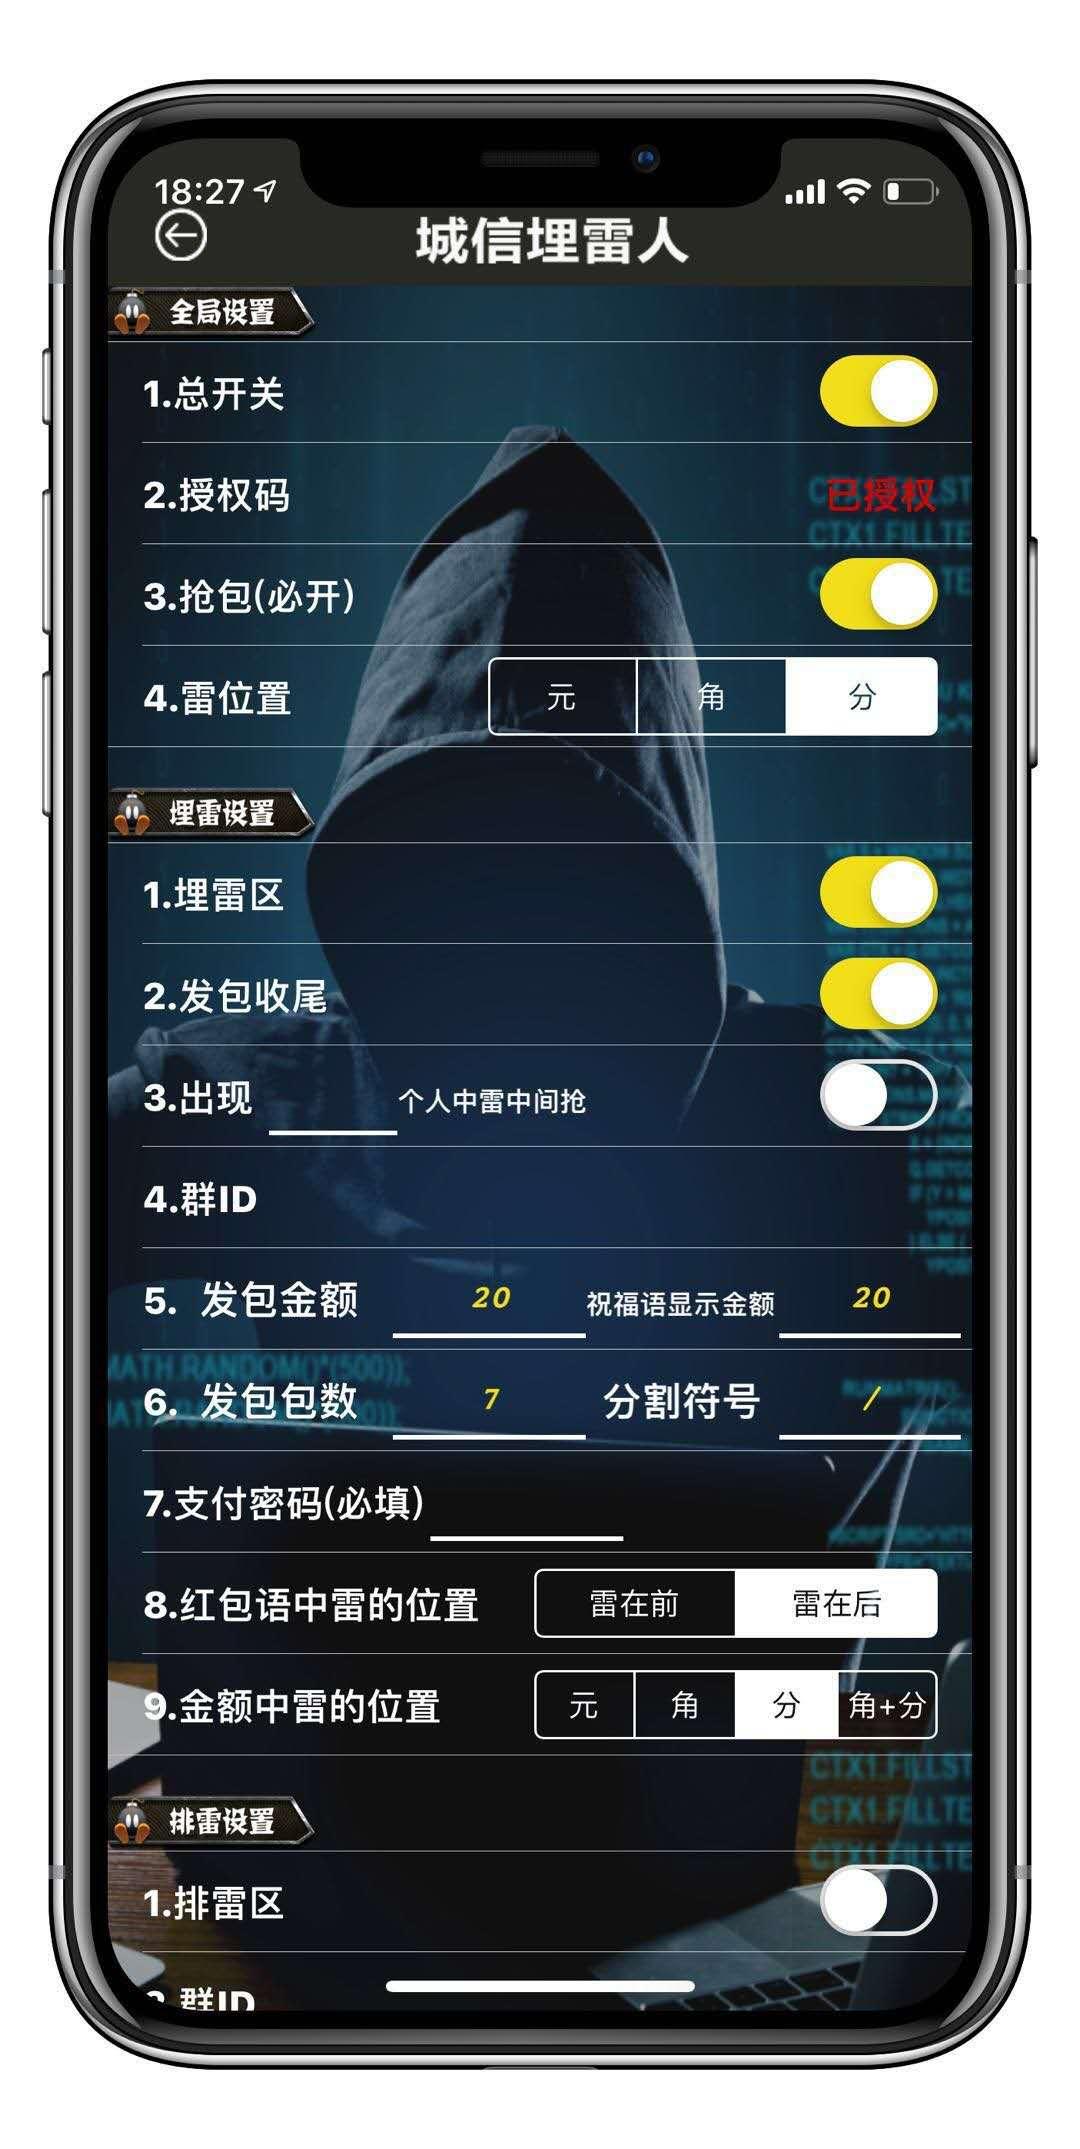 【苹果城信埋雷人】月卡授权 包赢功能发包扫尾